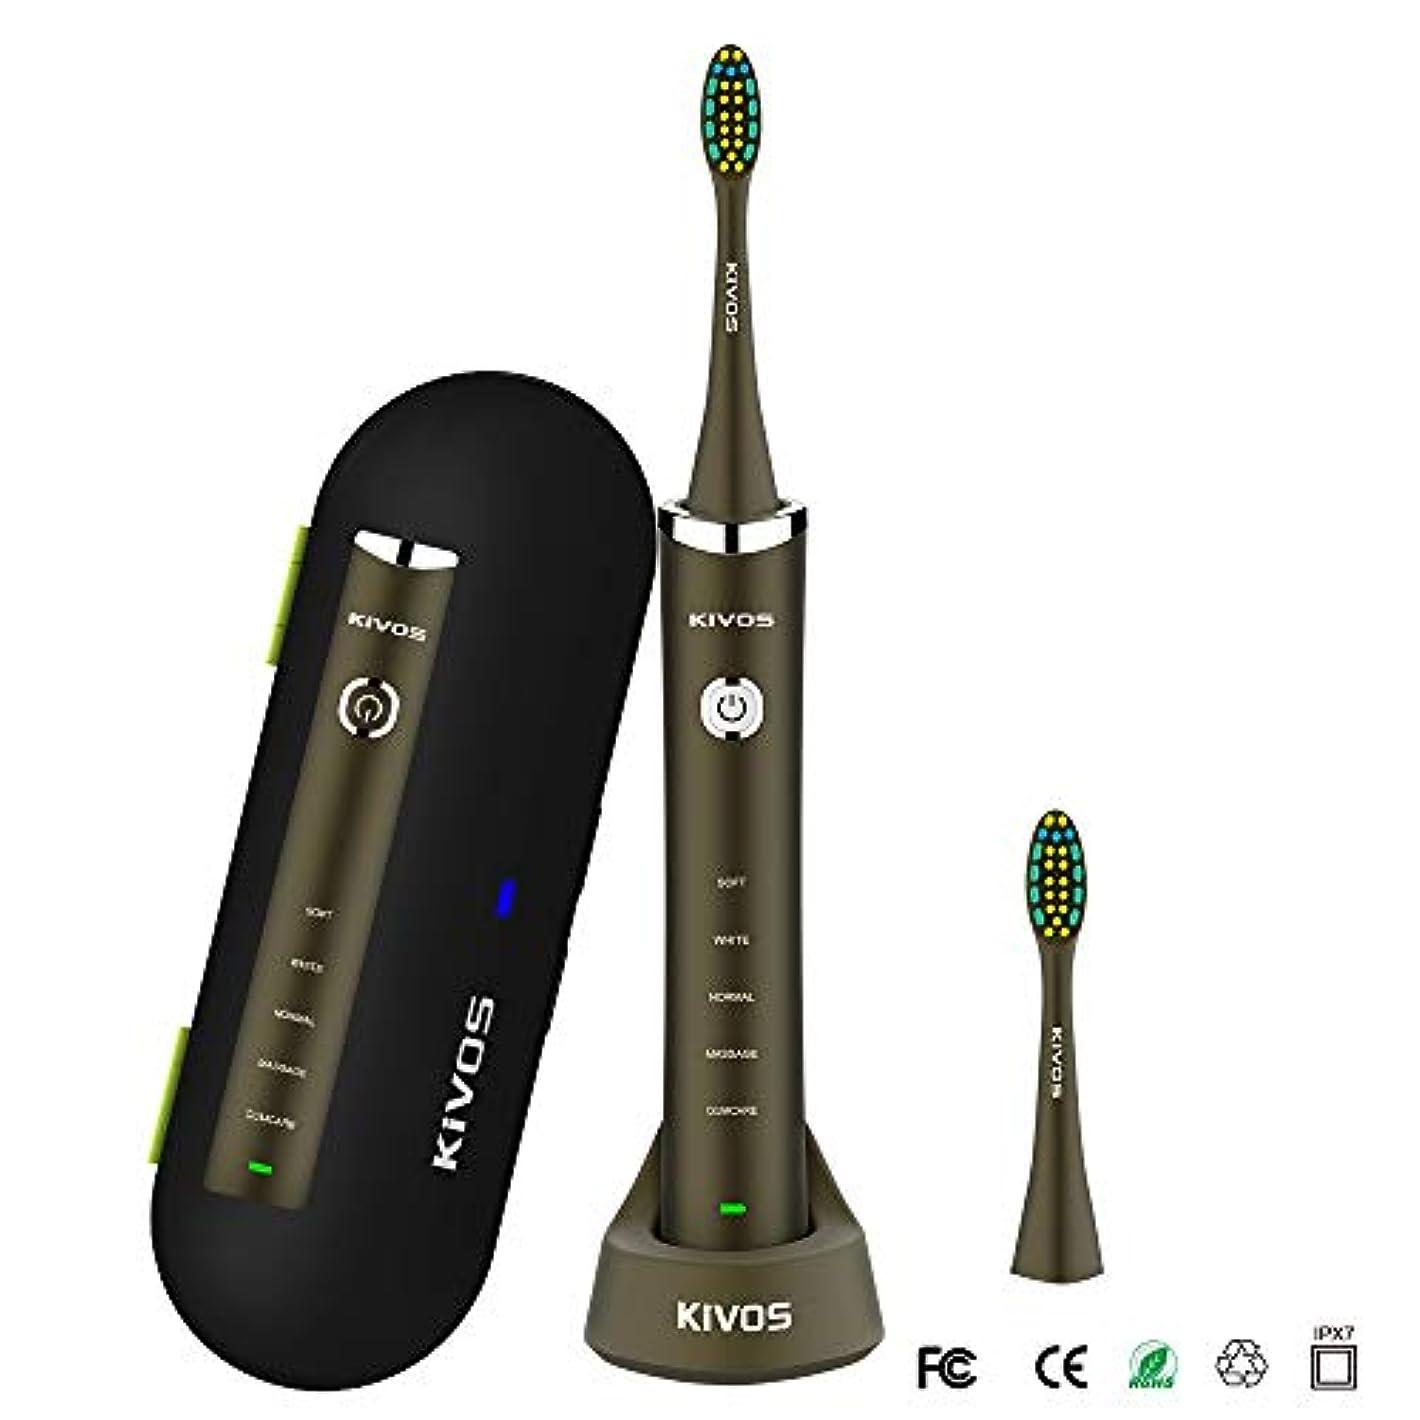 ジャンピングジャック洞察力のあるフレットKIVOS 電動歯ブラシ音波歯ブラシ UV 除菌機能付き電動歯ぶらし歯ブラシ除菌器 歯ブラシUV紫外線除菌収納ケース歯みがき 電動はぶらし IPX7防水 旅行出張に最適